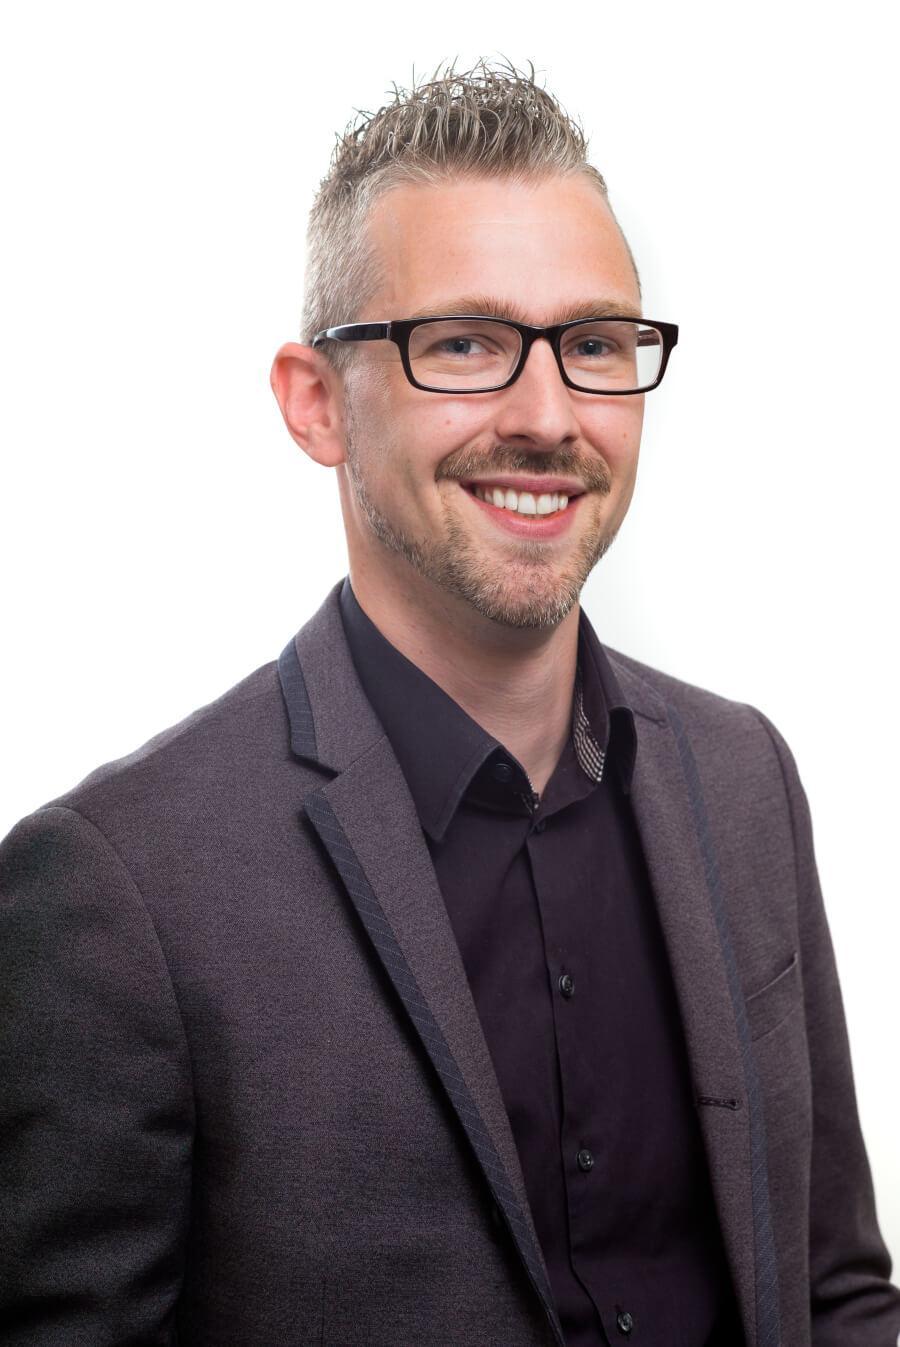 Pasfoto Johan Kosters